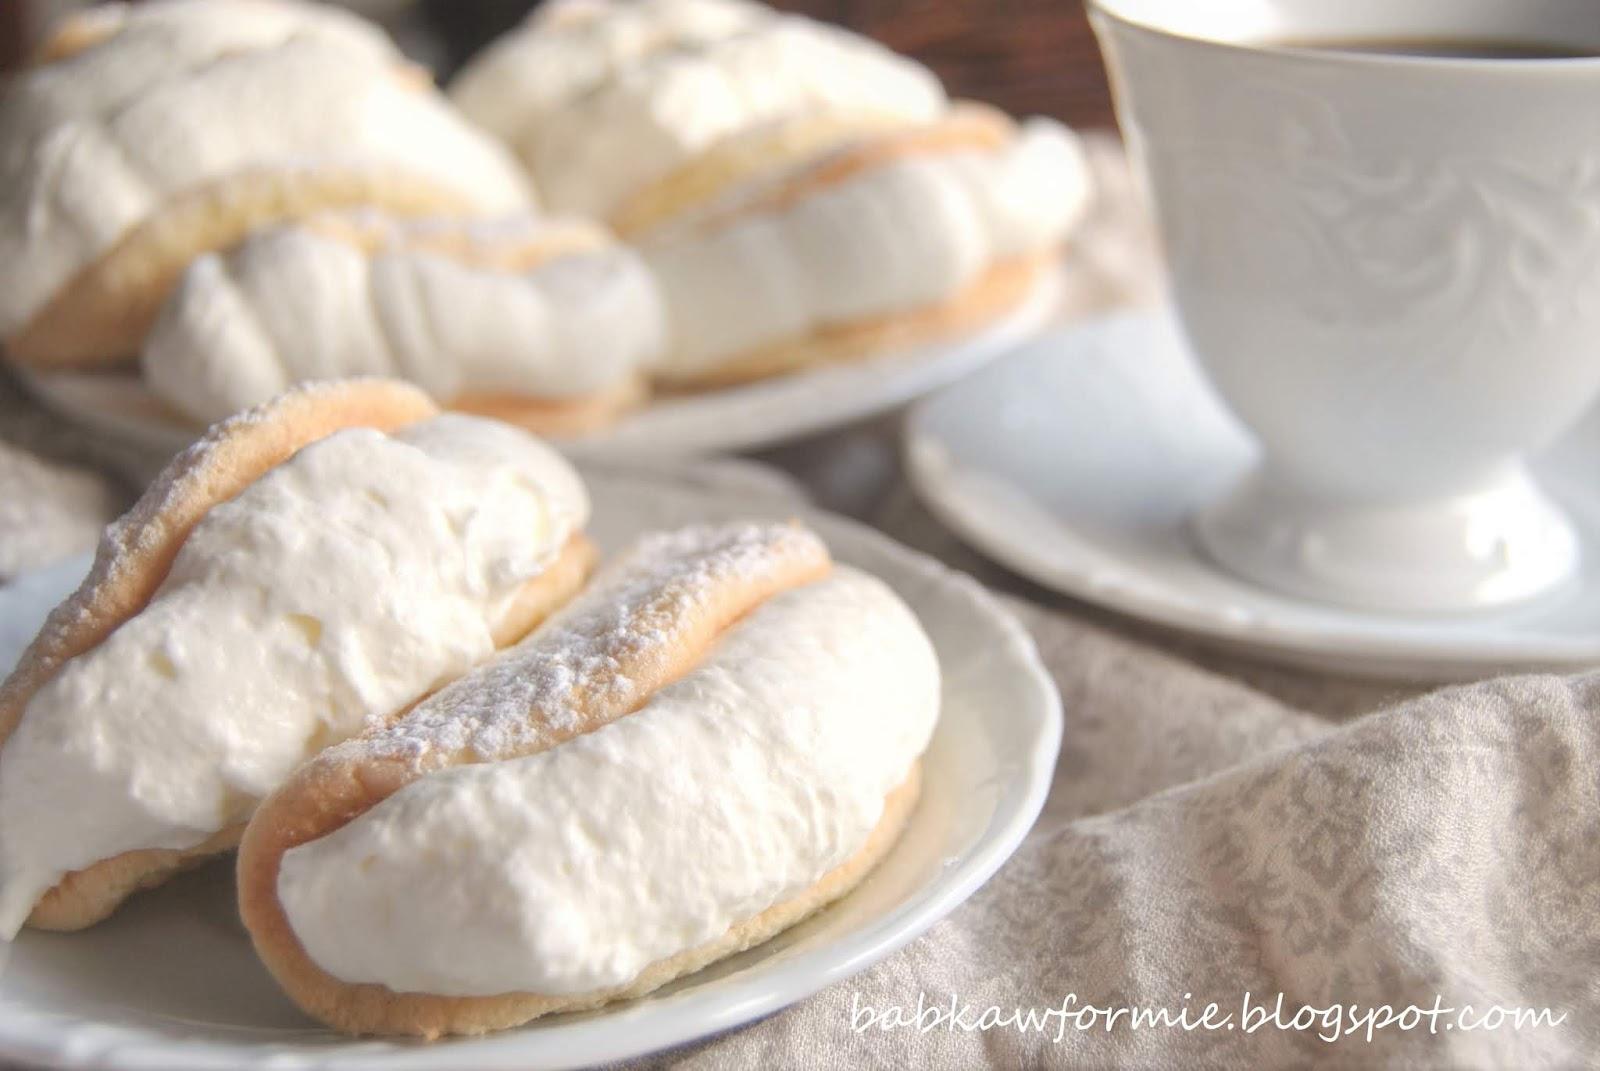 biskwity - biszkoptowe omlety z bitą śmietaną babkawformie.blogspot.com